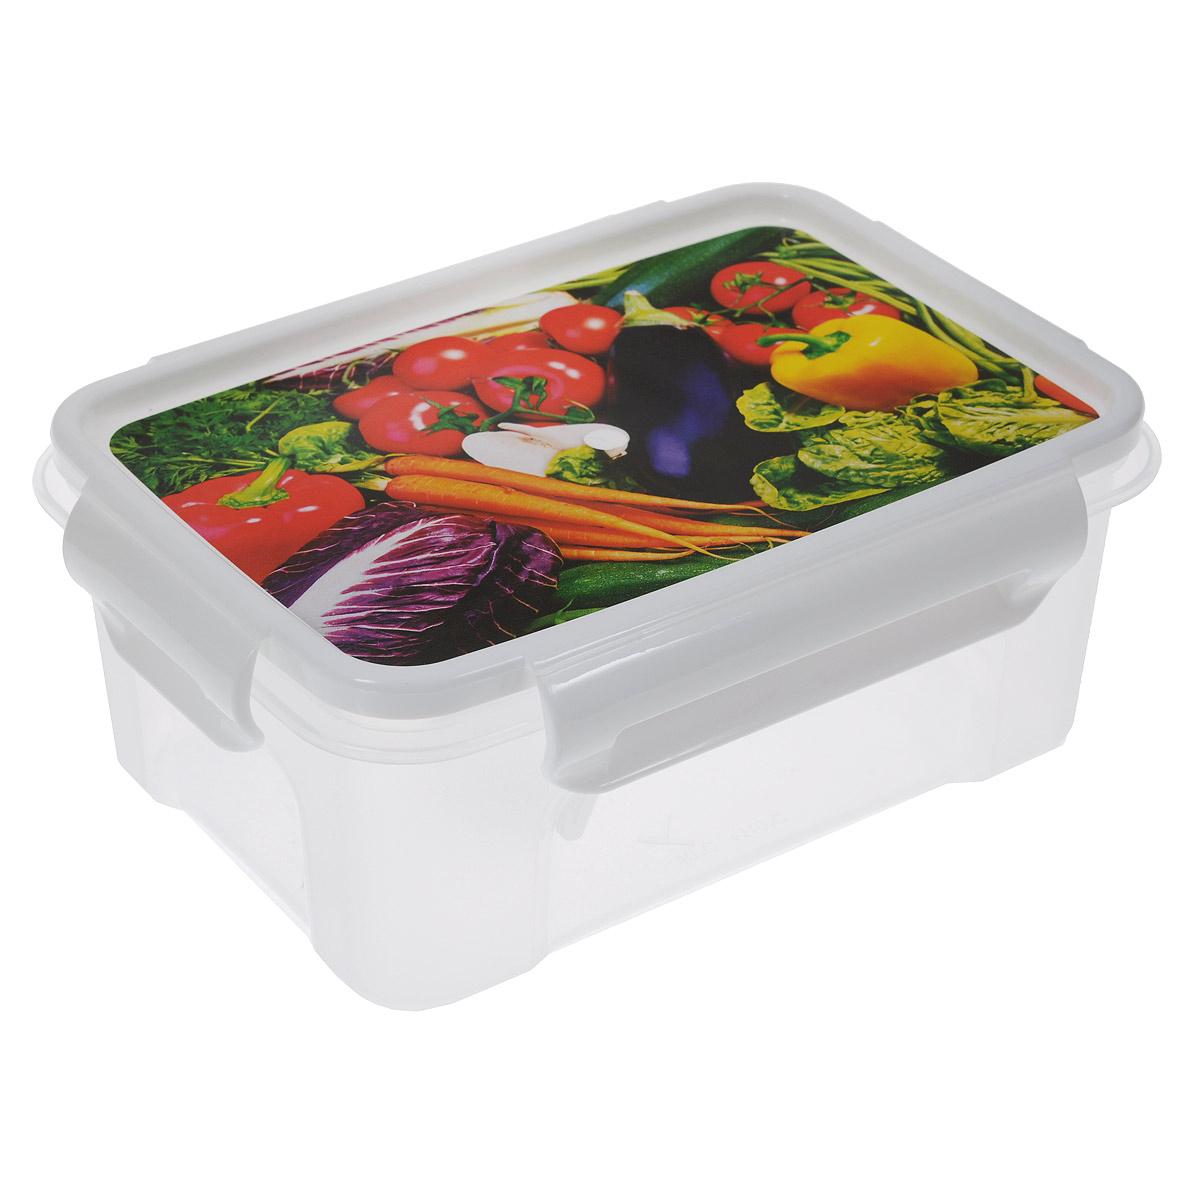 Контейнер Полимербыт Лок декор, 750 млМ097Контейнер Полимербыт Лок декор прямоугольной формы, изготовленный из прочного пластика, предназначен специально для хранения пищевых продуктов. Крышка, декорированная изображением овощей, легко открывается и плотно закрывается.Контейнер устойчив к воздействию масел и жиров, легко моется. Прозрачные стенки позволяют видеть содержимое. Контейнер имеет возможность хранения продуктов глубокой заморозки, обладает высокой прочностью. Можно мыть в посудомоечной машине. Подходит для использования в микроволновых печах.